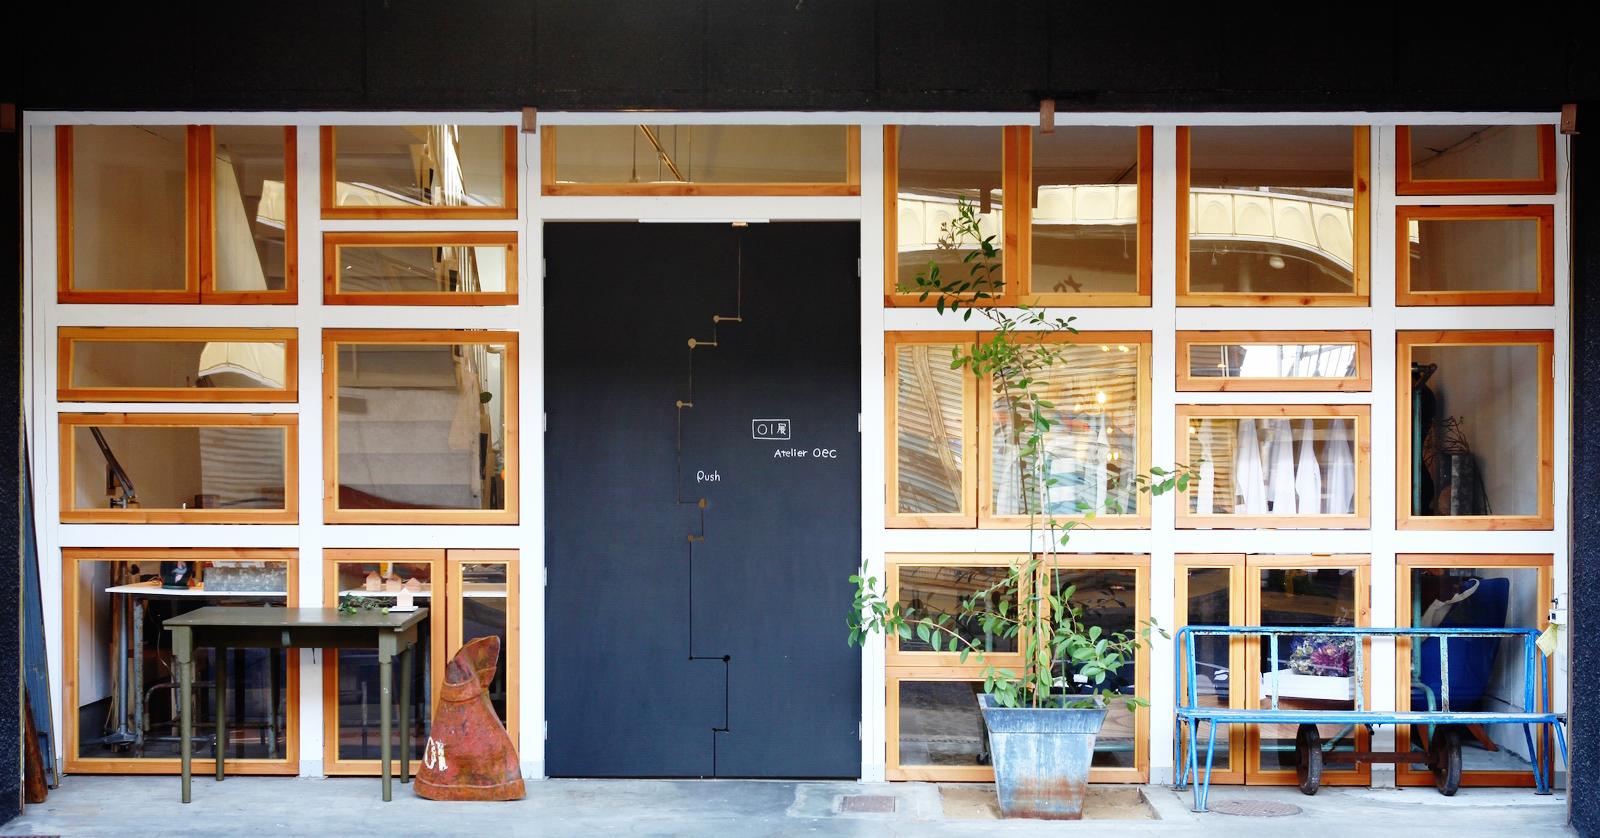 Exterior of atelier oec アトリエoec外観